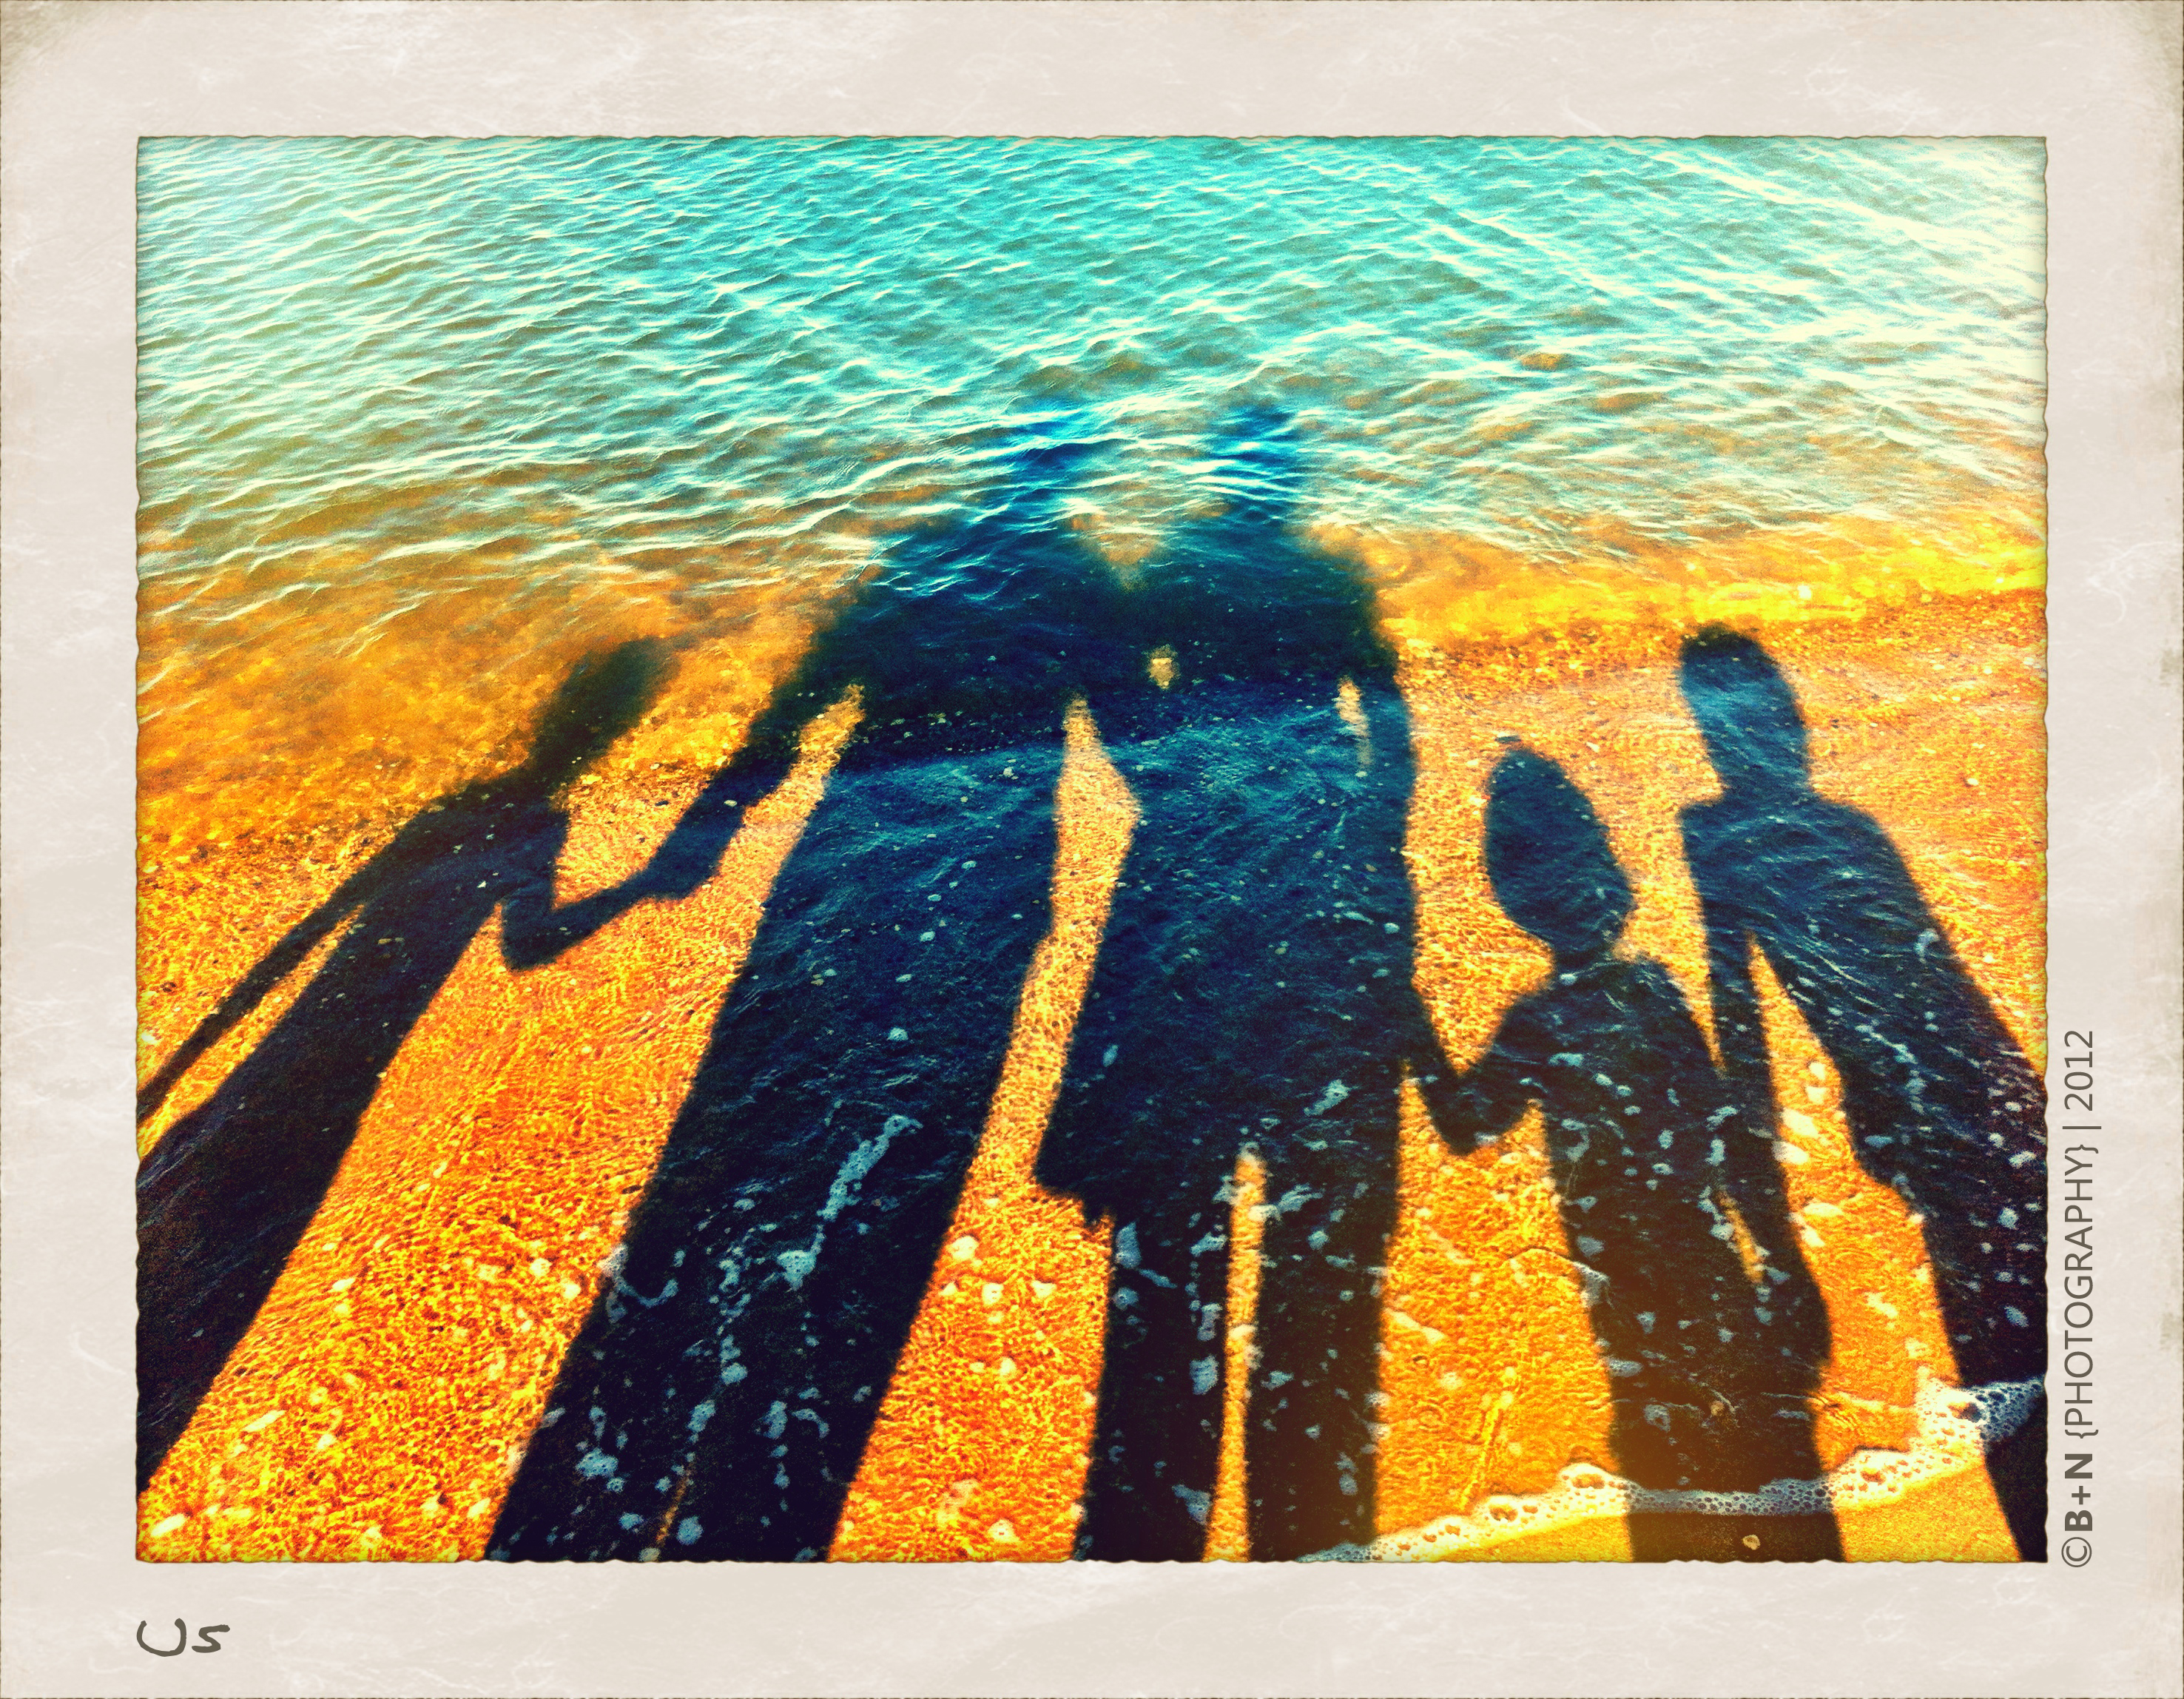 2013-05-09-BEACHSHADOWS.jpg